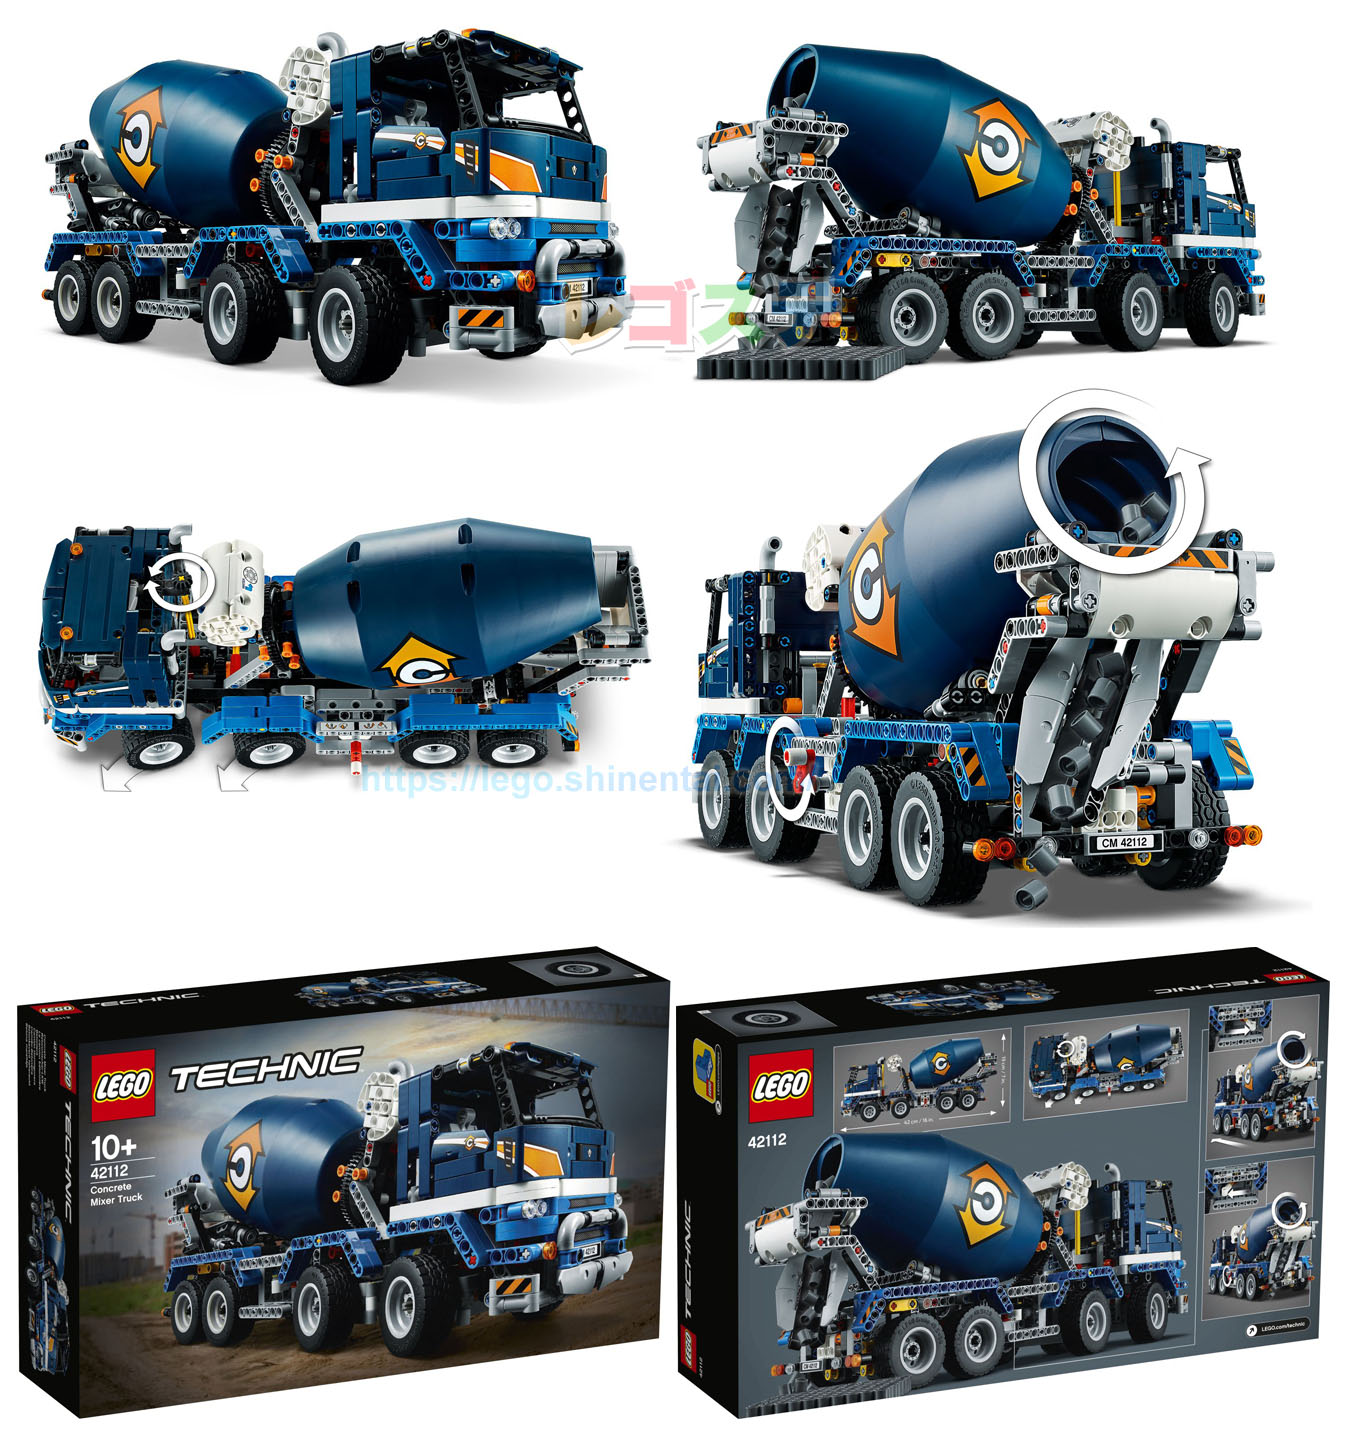 42112 コンクリートミキサー車:Concrete Mixer Truck